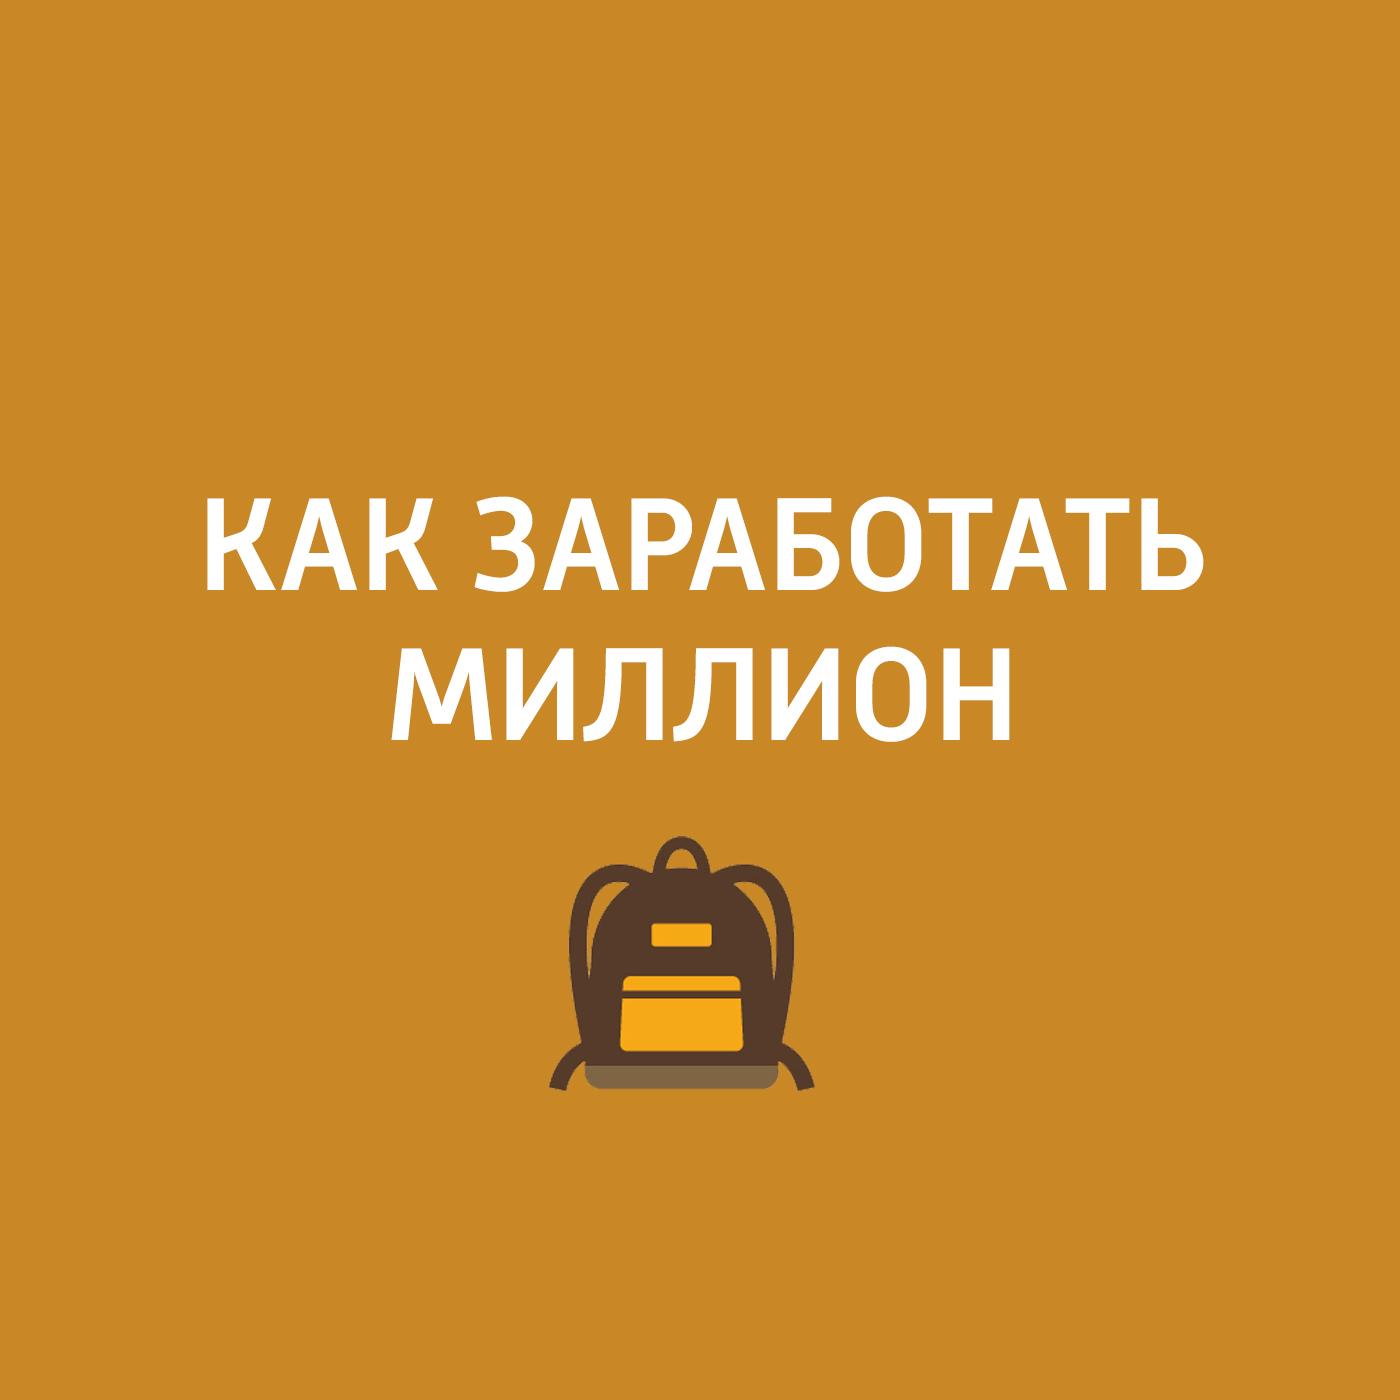 Творческий коллектив шоу «Сергей Стиллавин и его друзья» LavkaLavka рефортан купить в москве